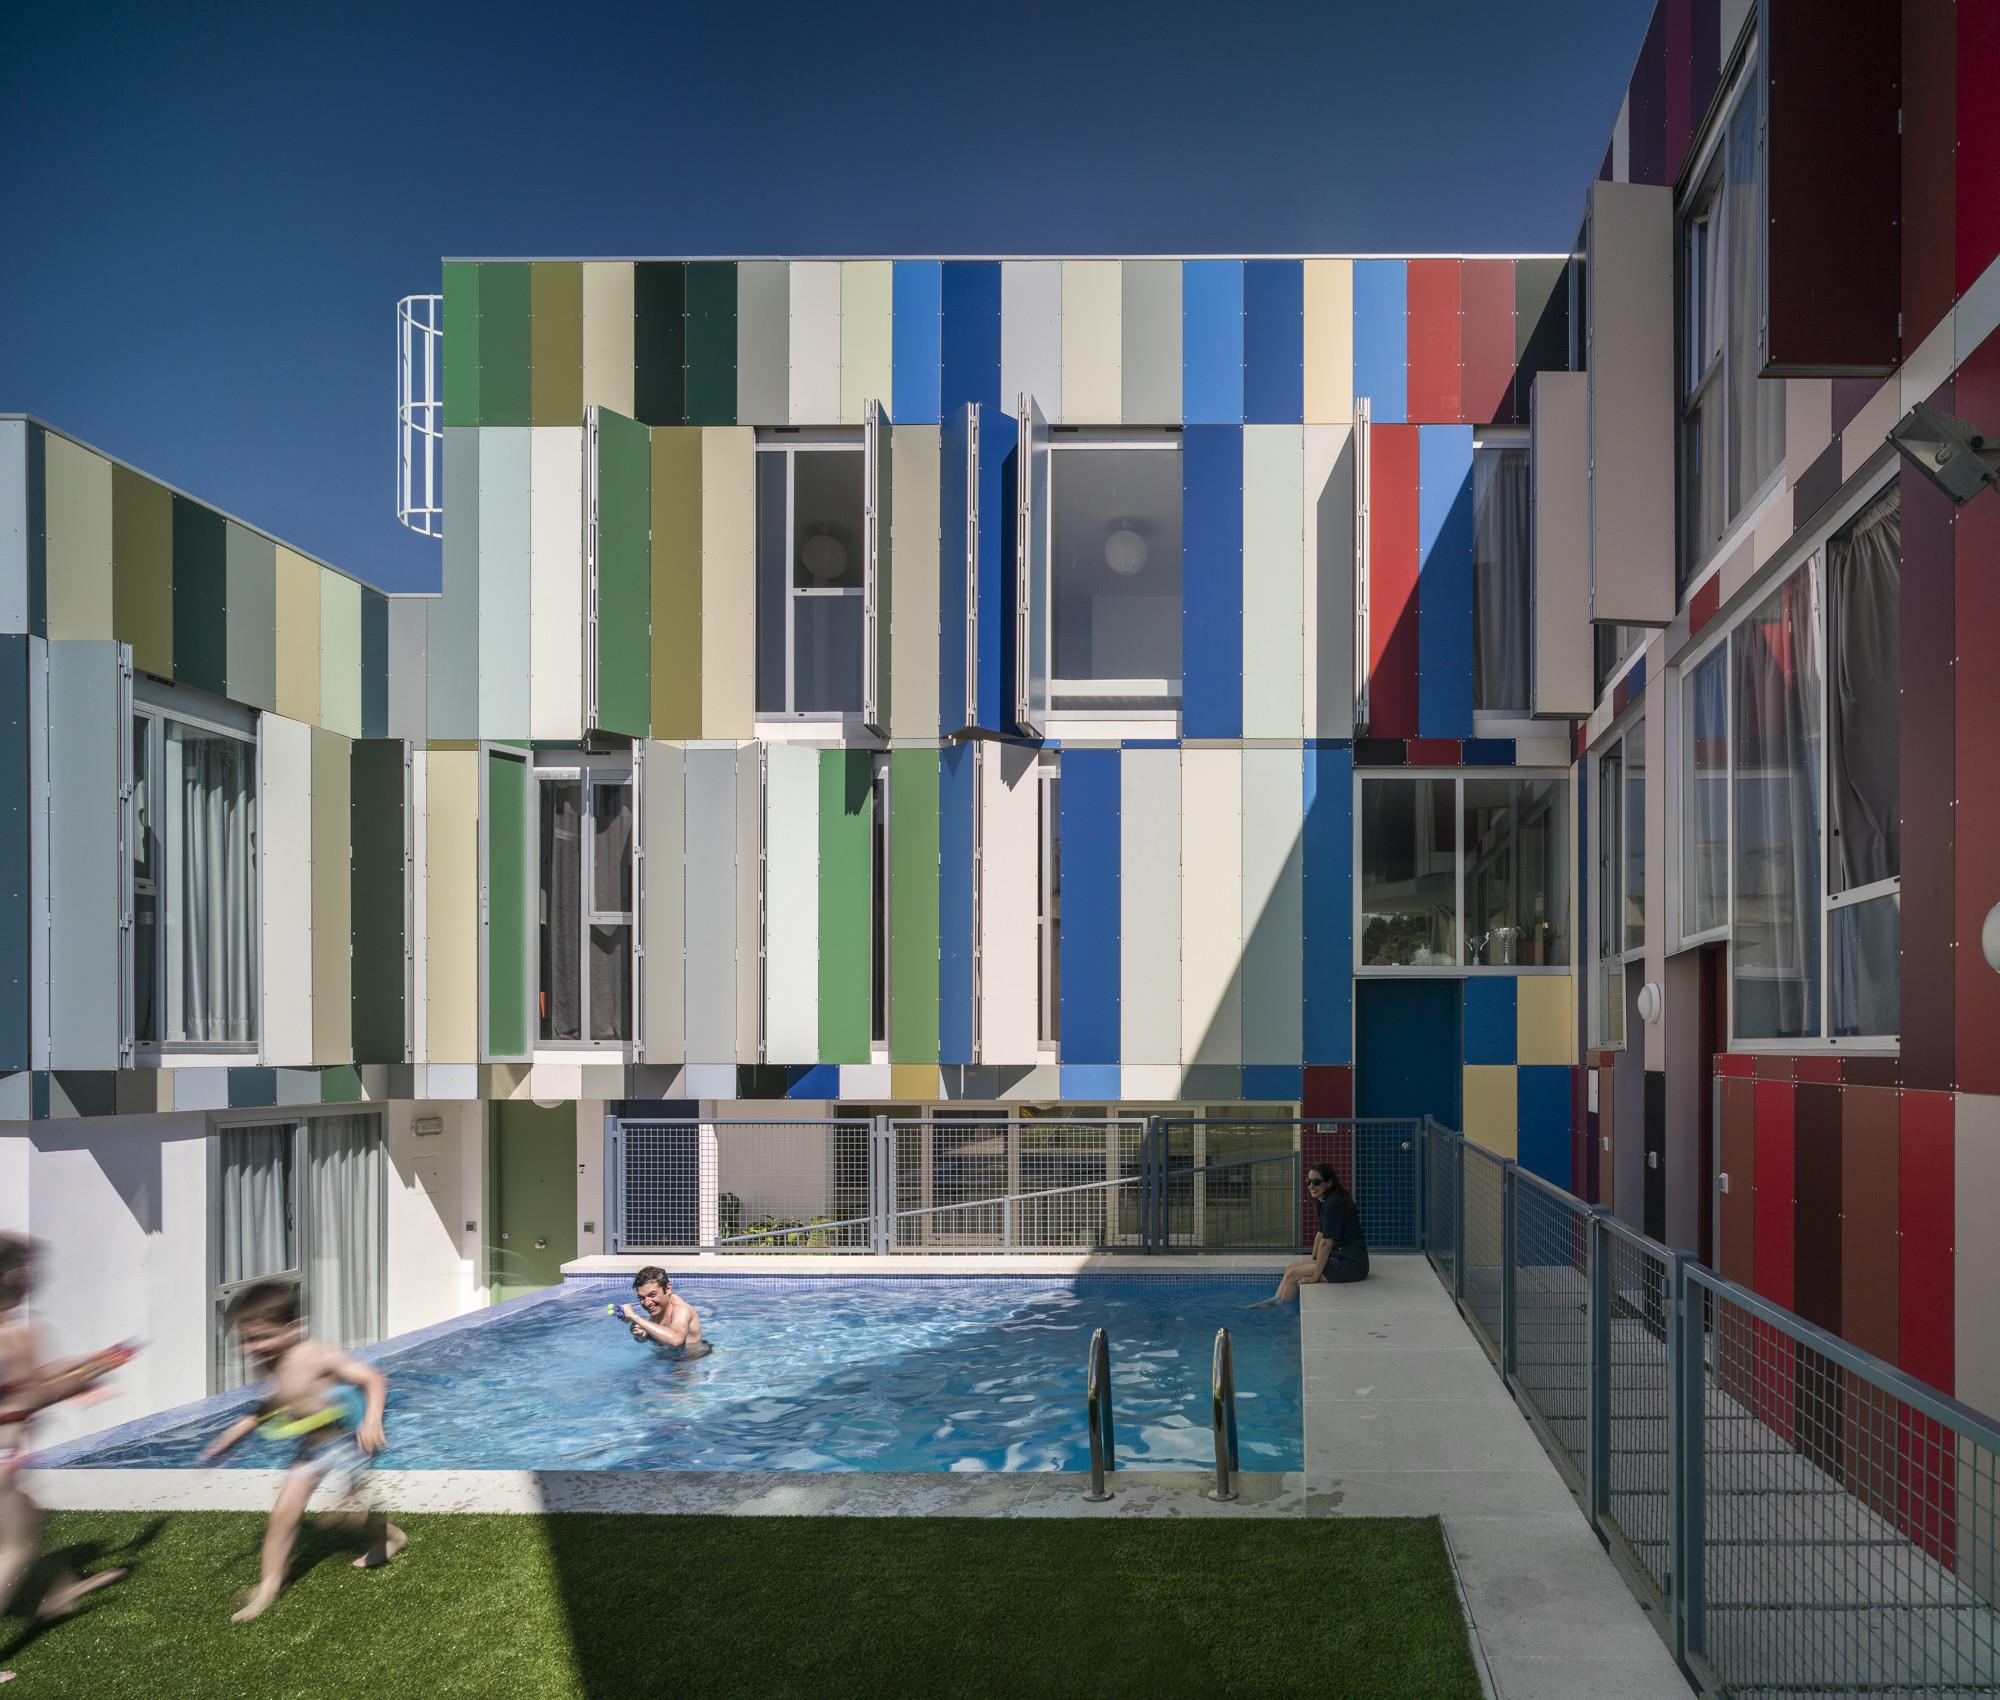 218 - Toque fresco, urbano y lleno de color en el barrio de San Juan de Jaén